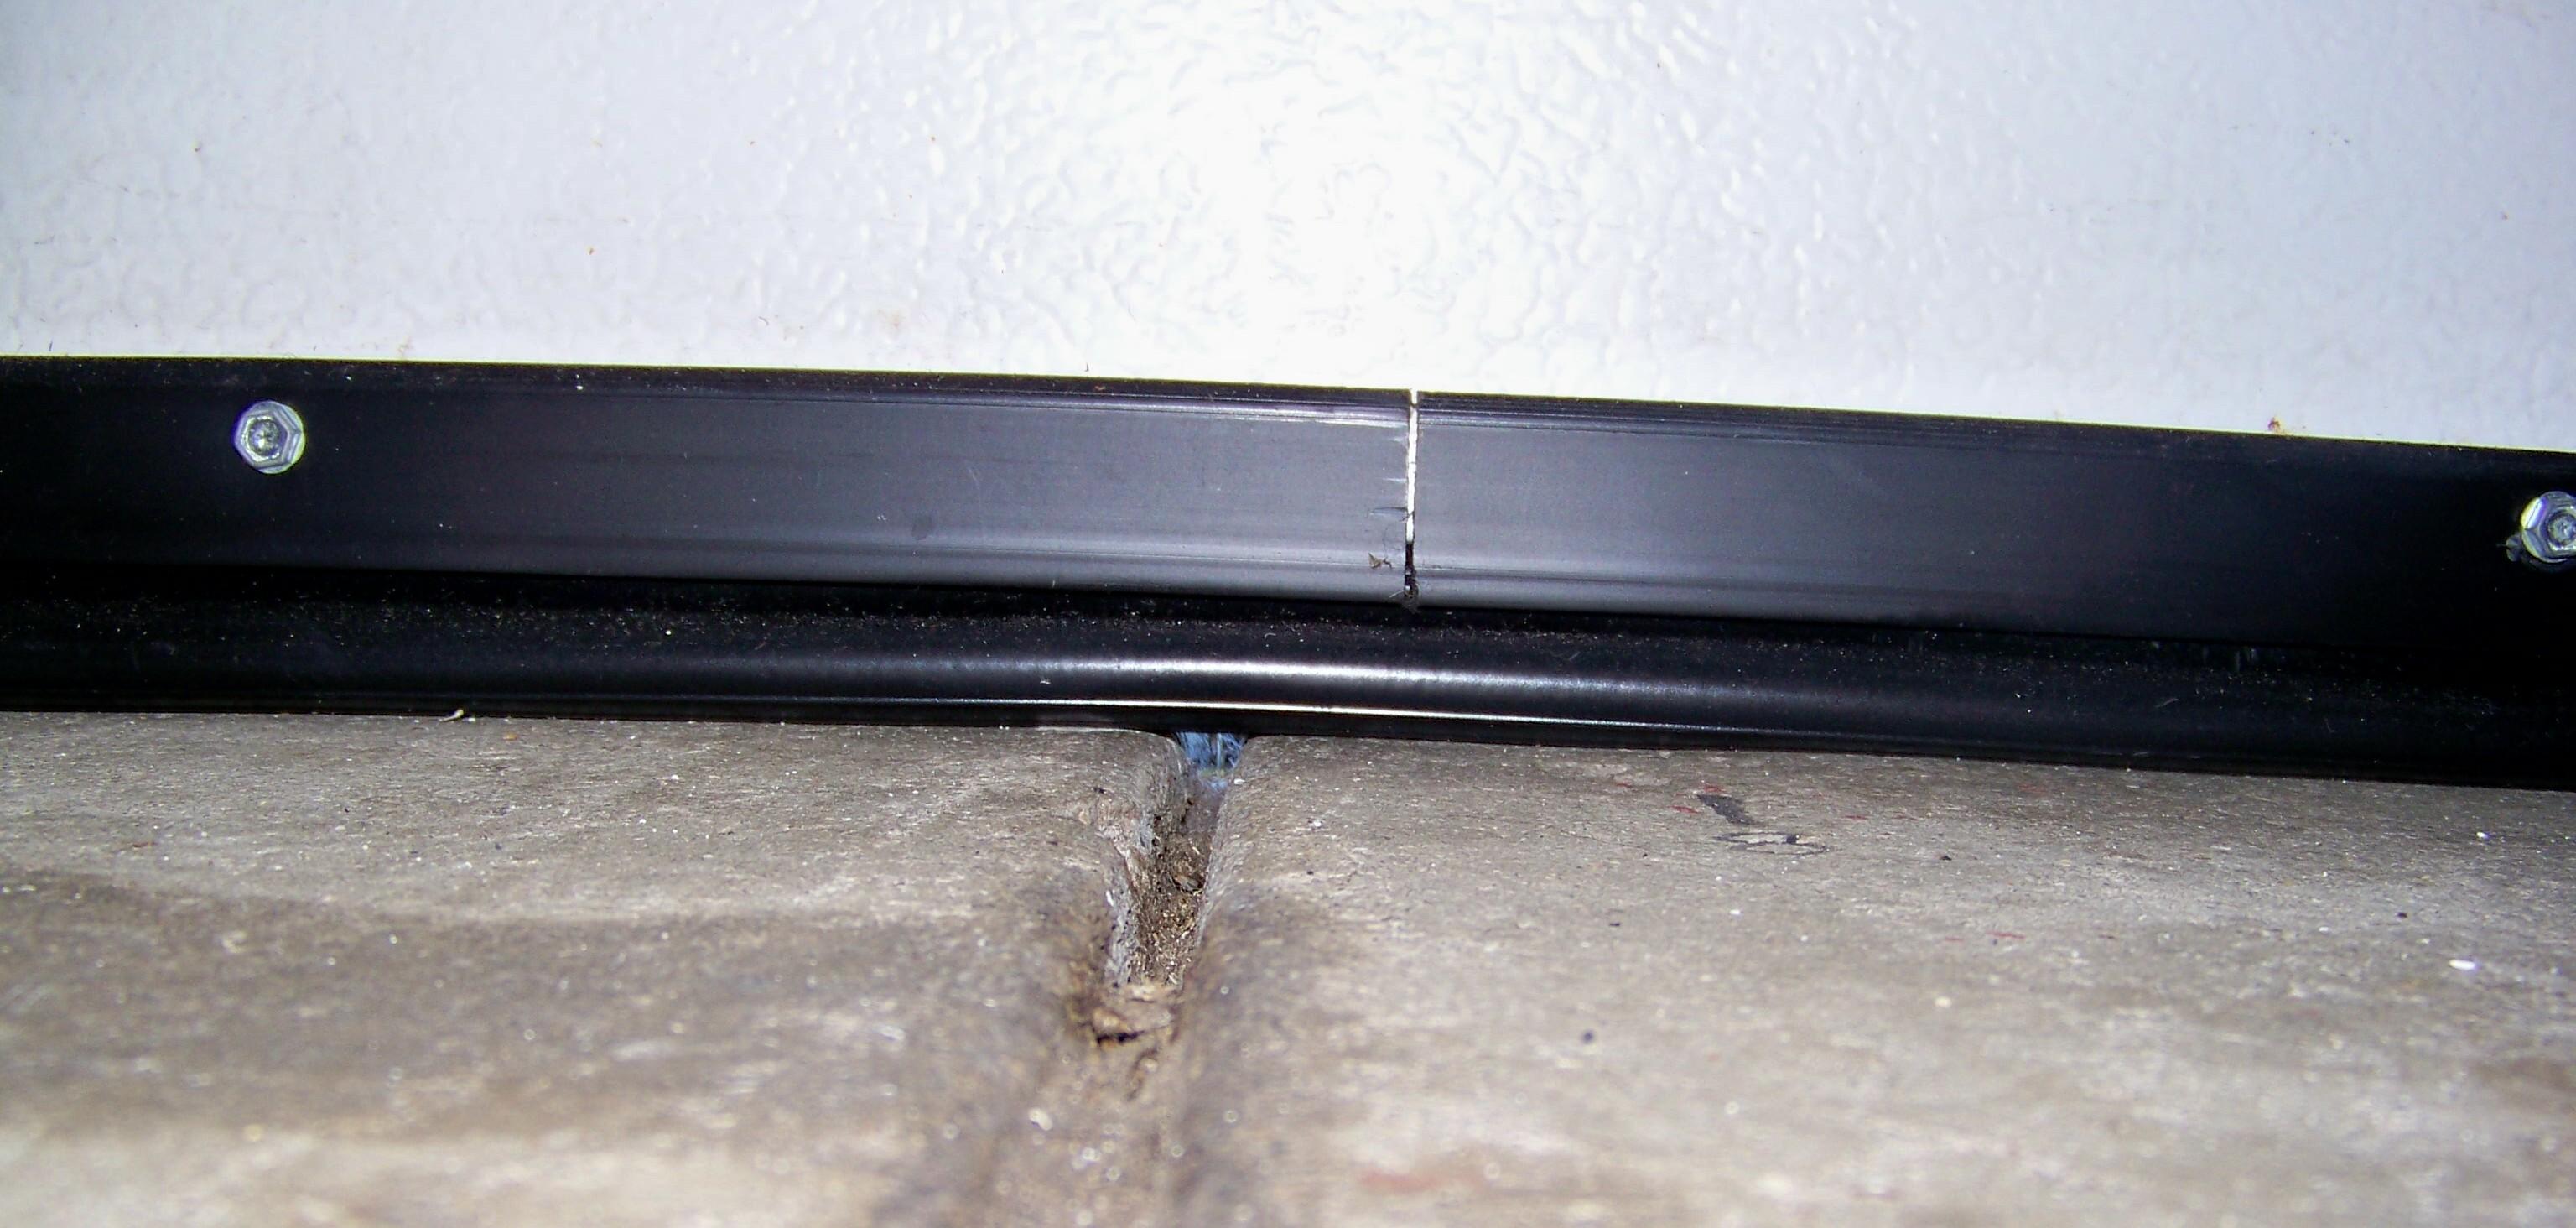 Installing Garage Door Bottom Seal Kits Garage Door Stuff